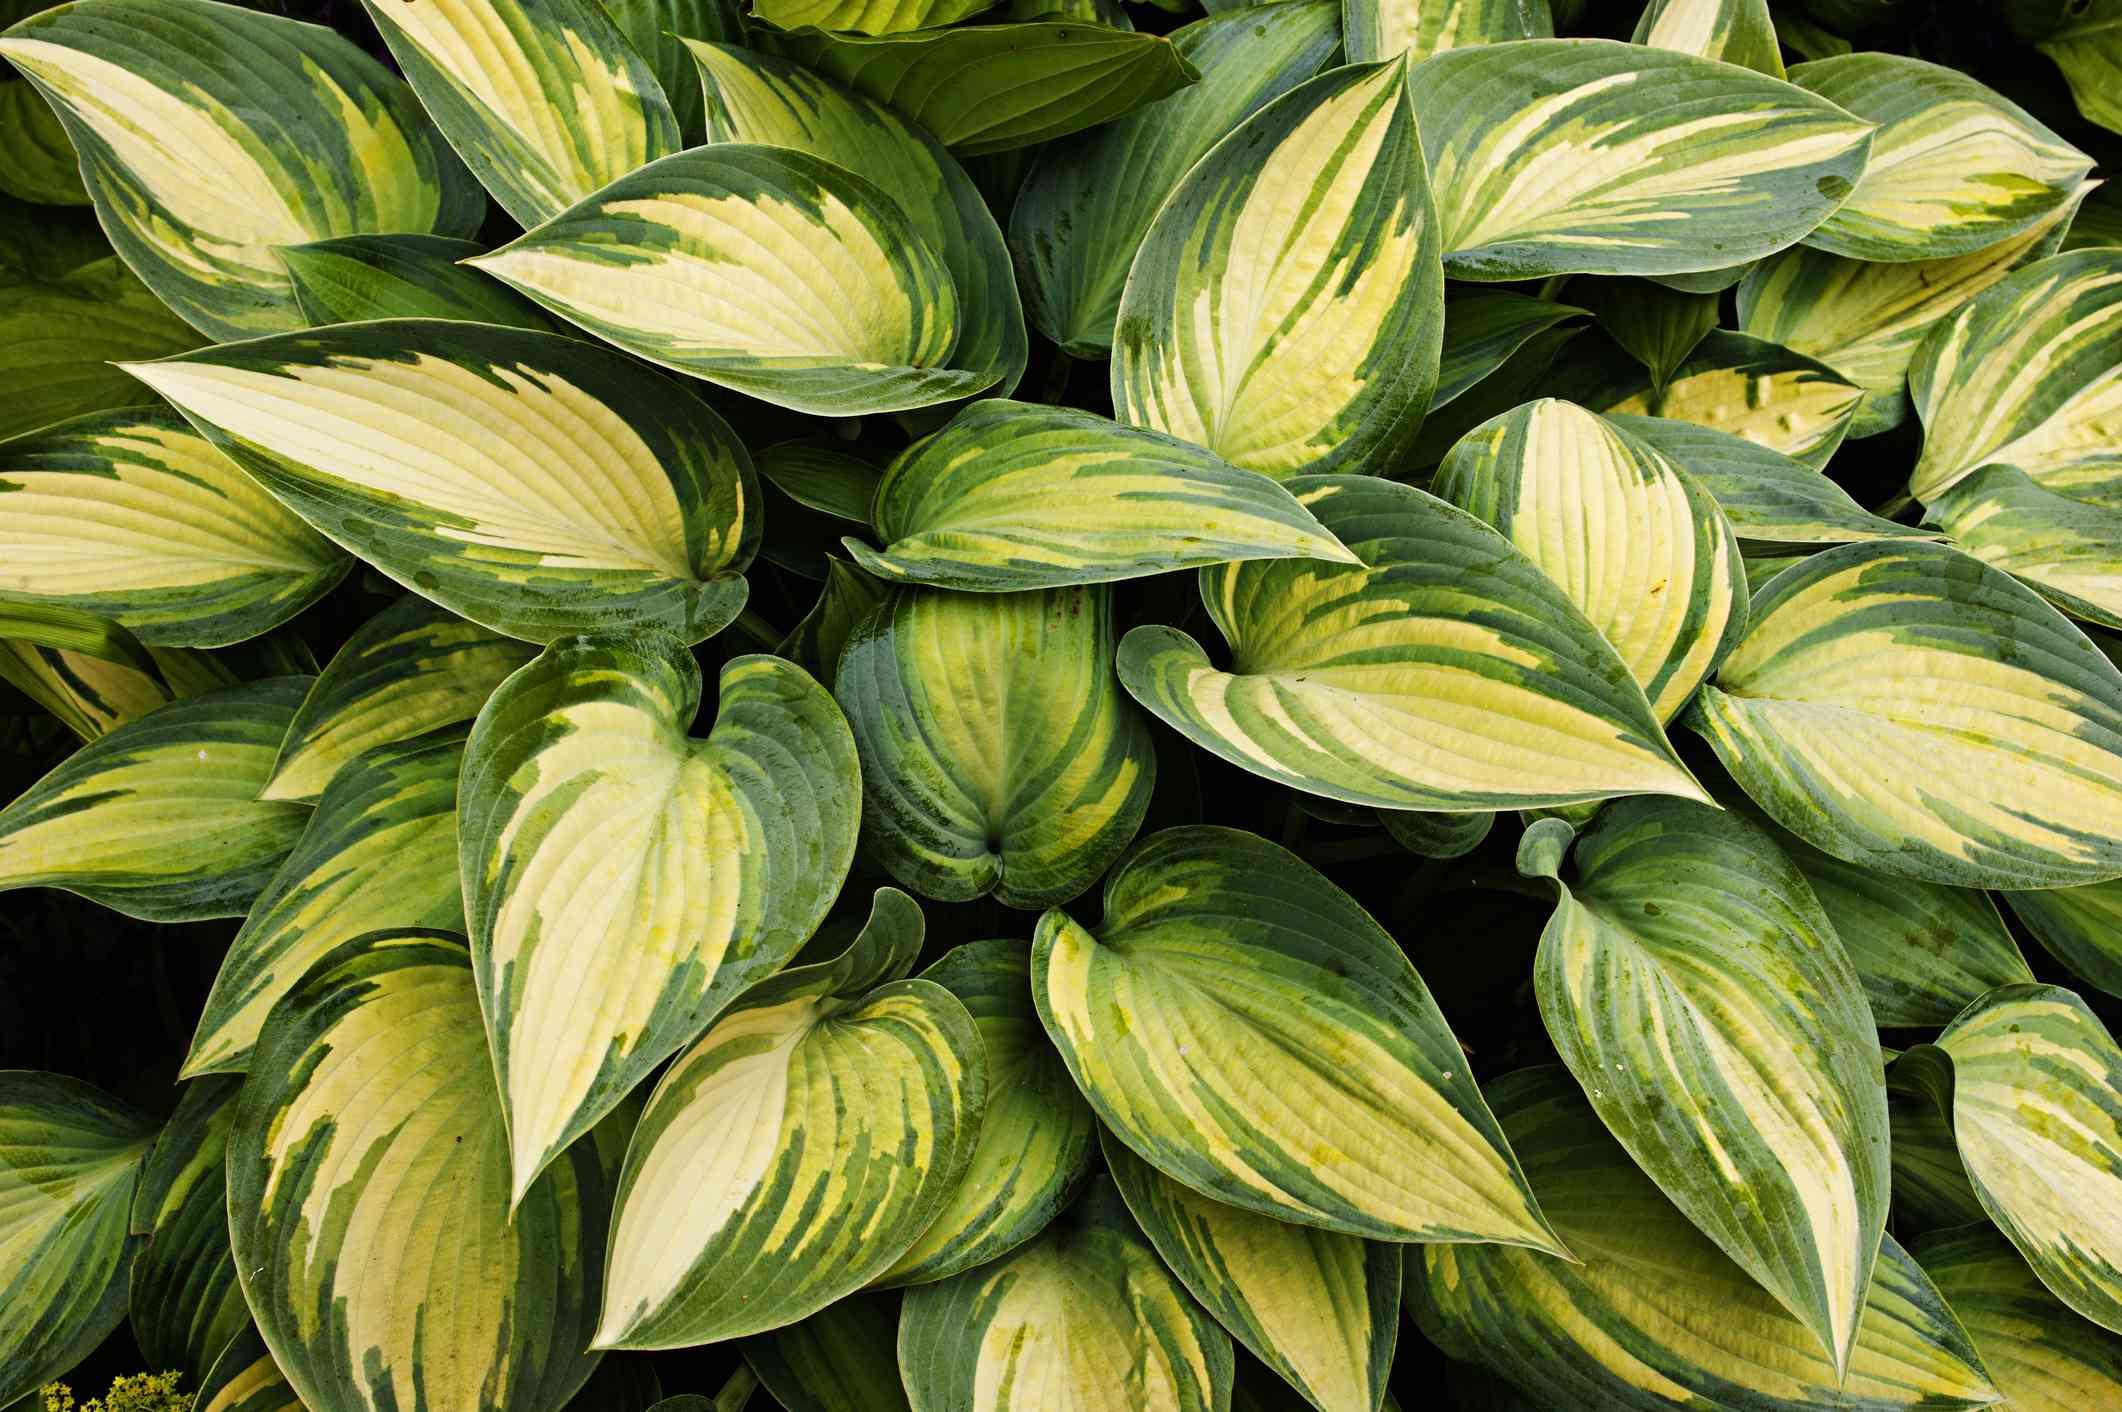 Close up of Hosta 'Remember Me' foliage